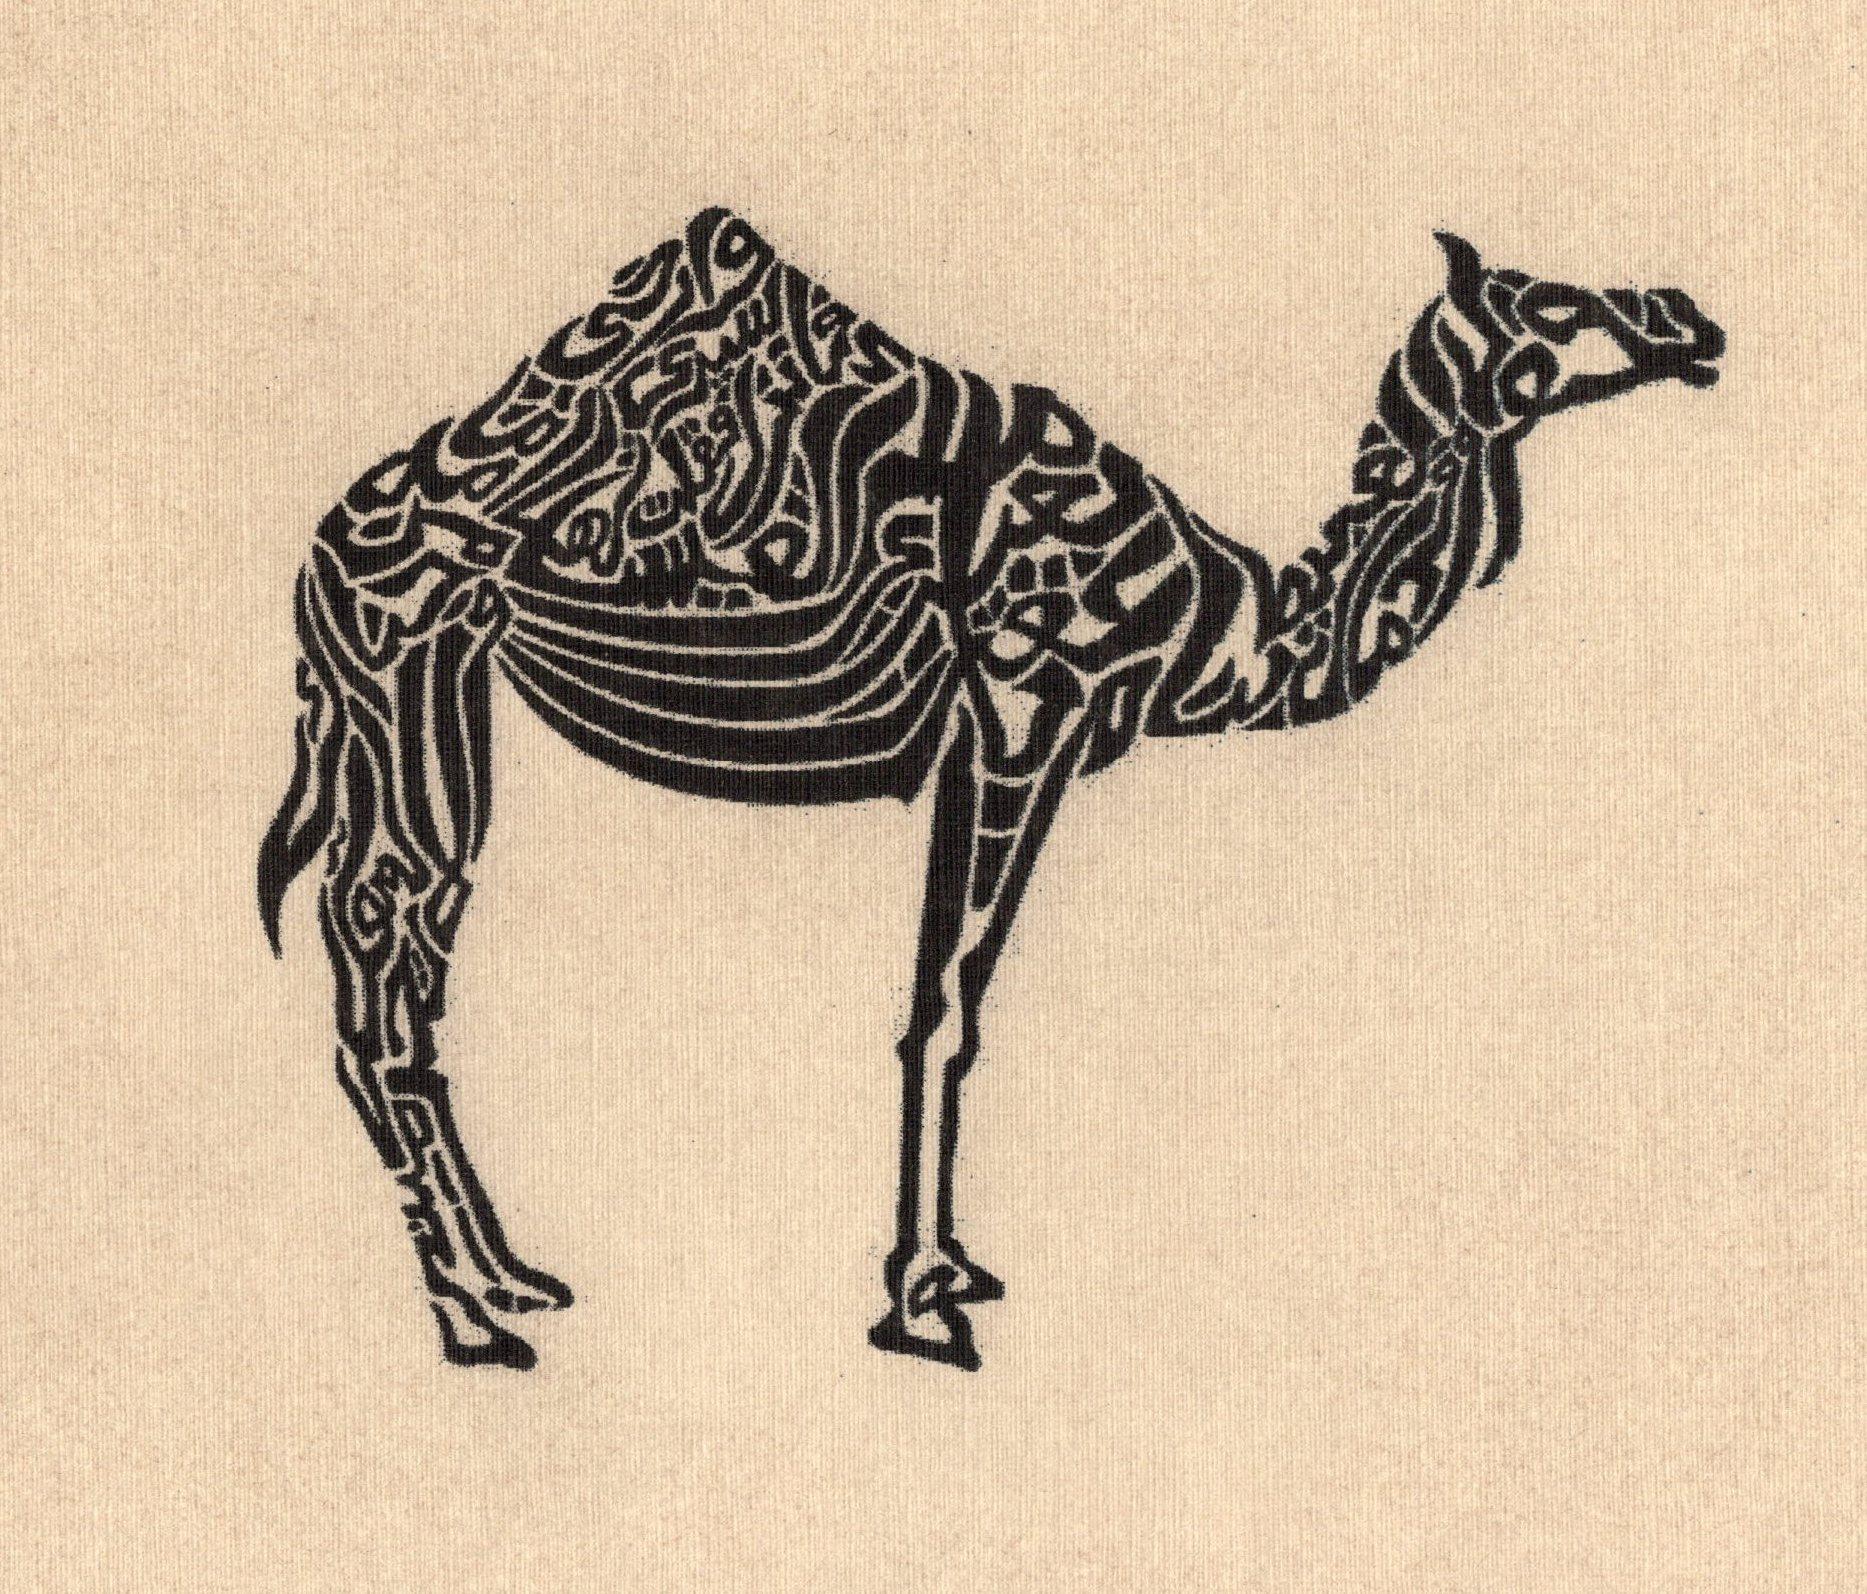 Drawn camel islam Calligraphy Islam Arabic Persian Drawing